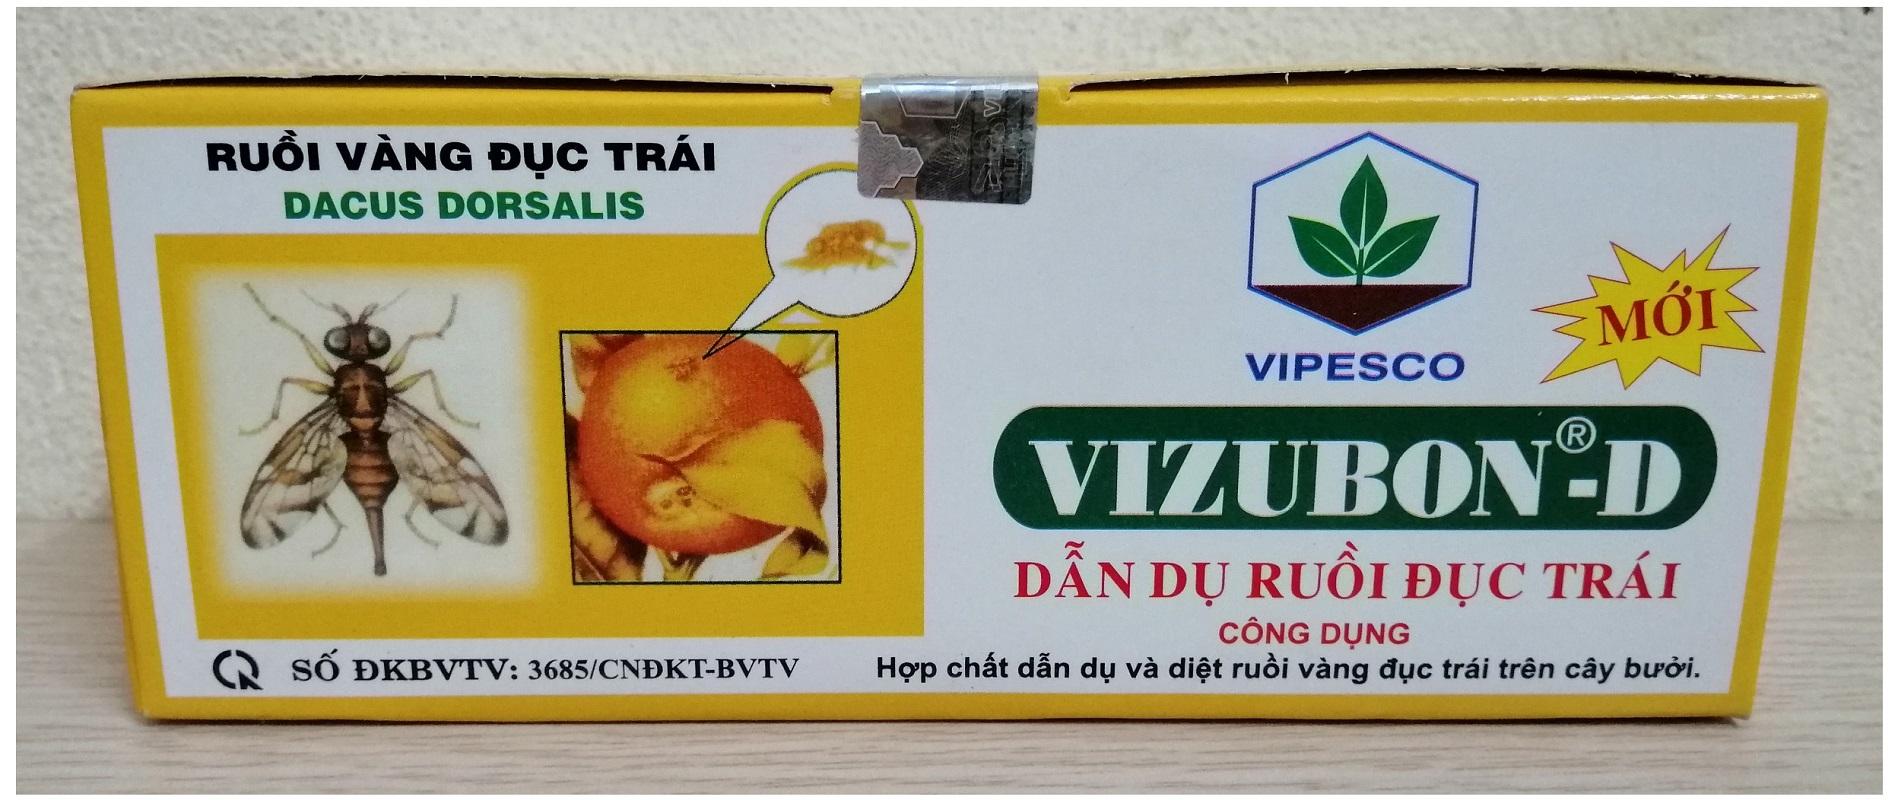 THUỐC DẪN DỤ DIỆT RUỒI ĐỤC TRÁI VIZUBON-D (5 hộp nhỏ)